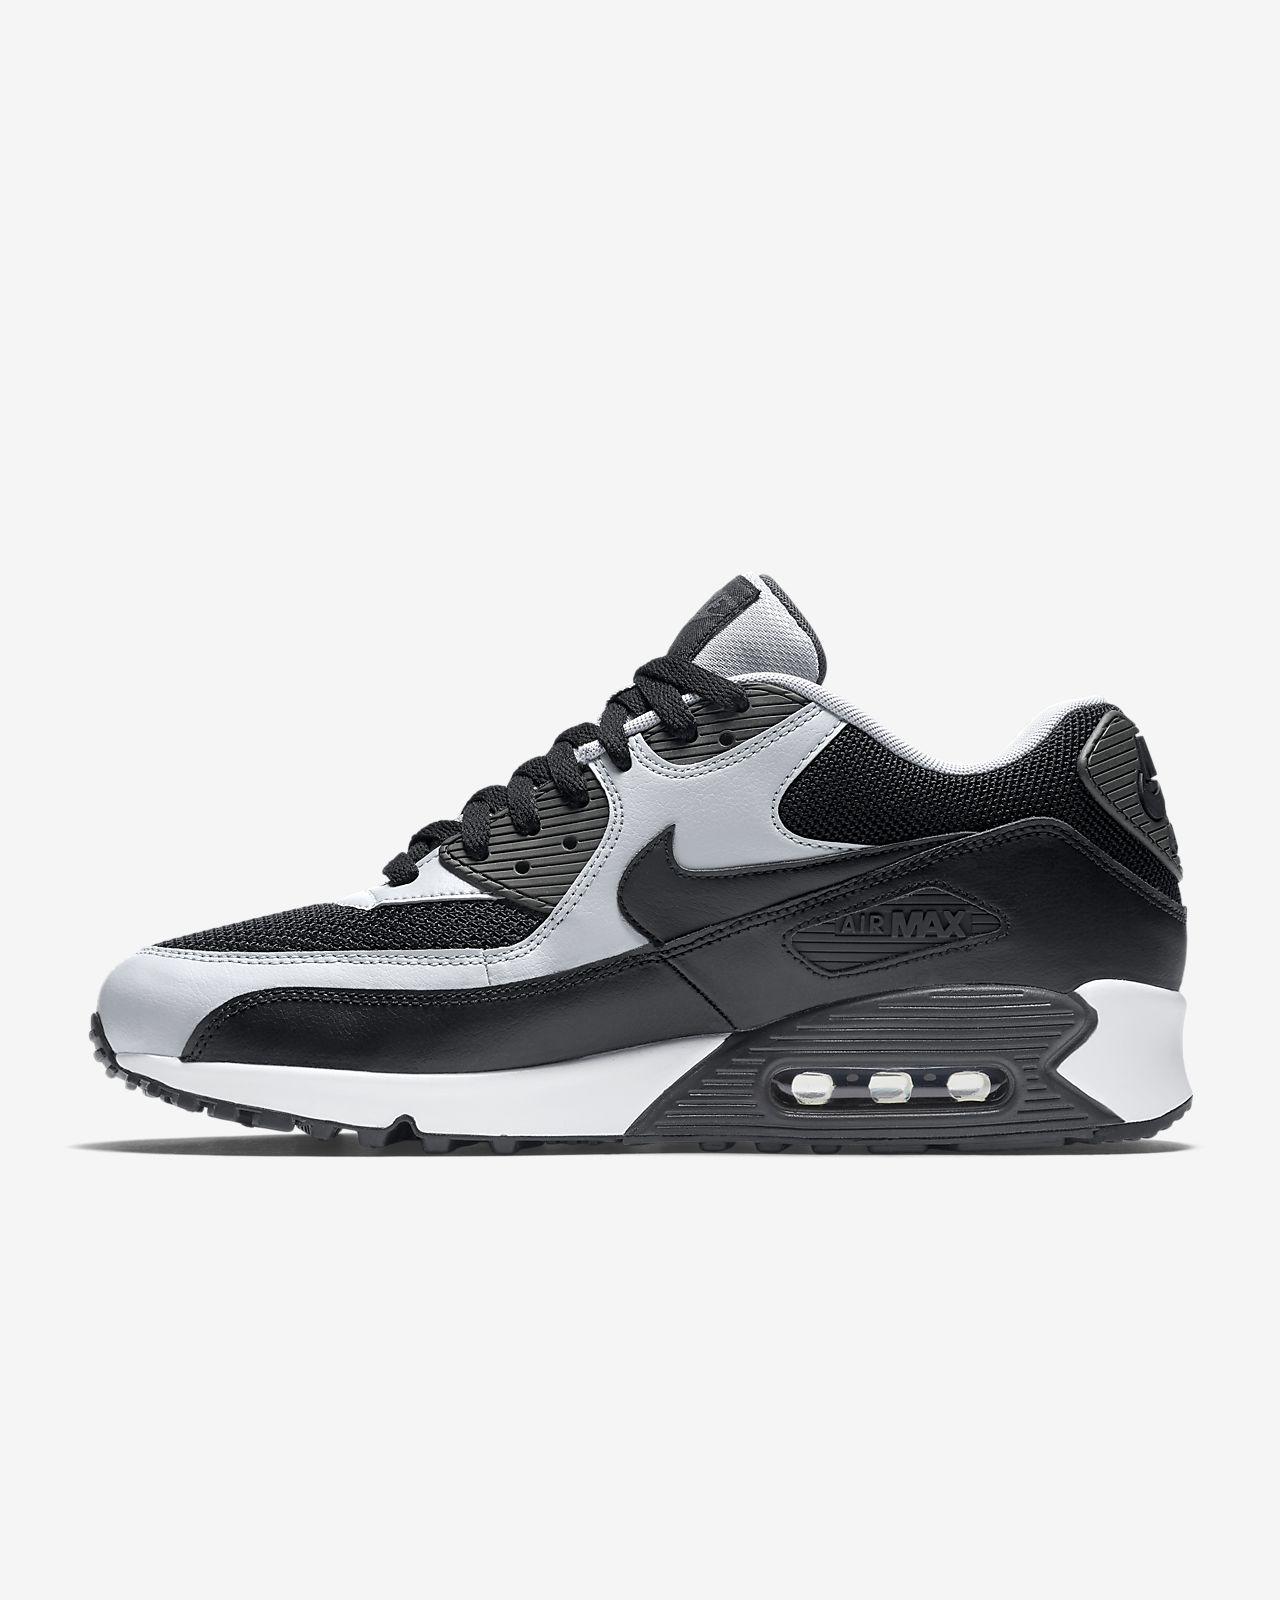 separation shoes d5424 59fff ... Nike Air Max 90 Essential Men s Shoe